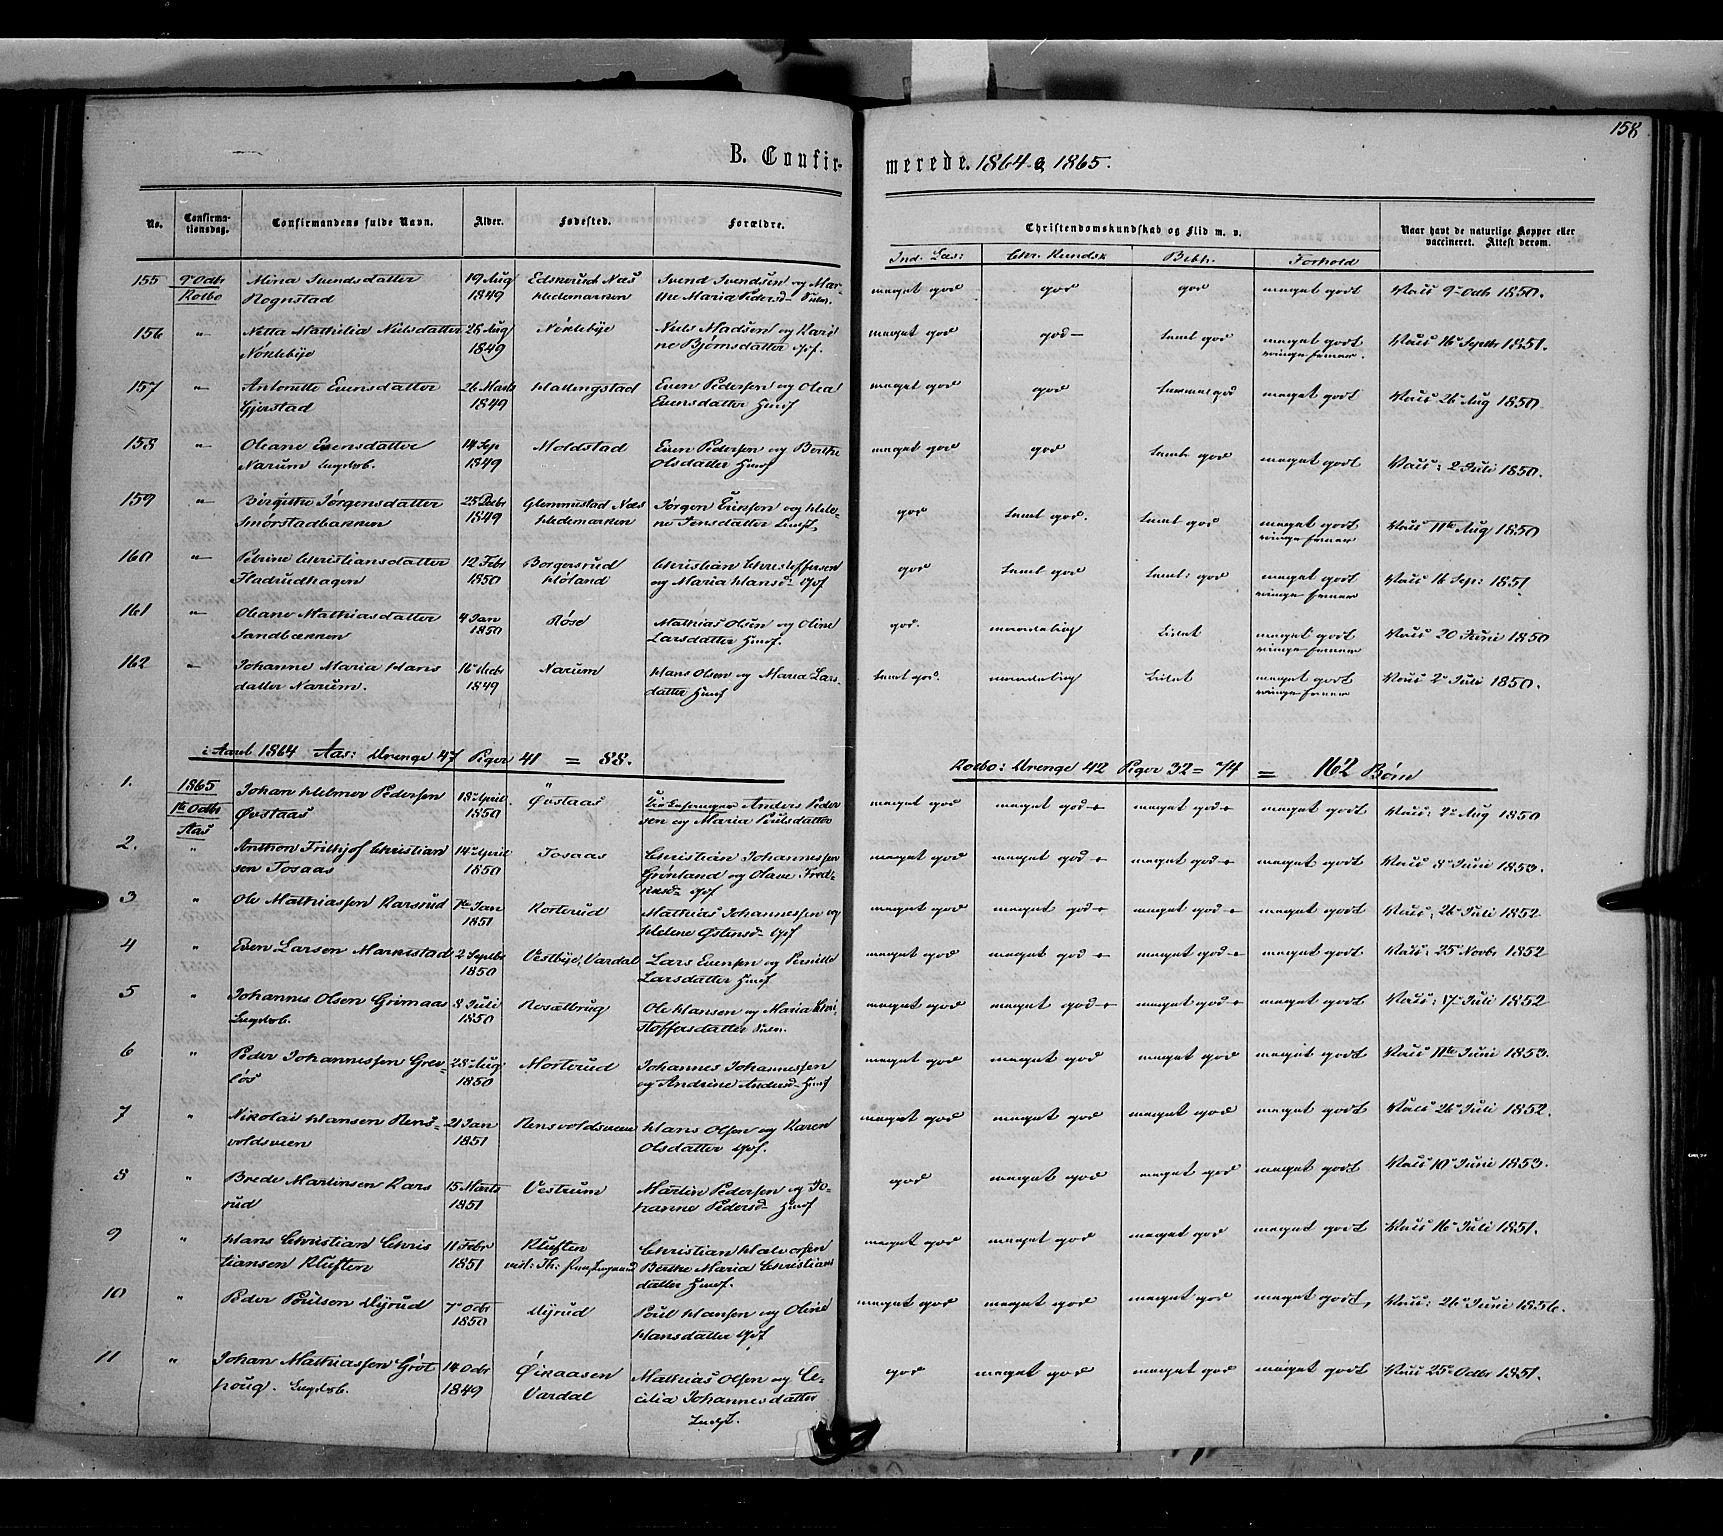 SAH, Vestre Toten prestekontor, Ministerialbok nr. 7, 1862-1869, s. 158